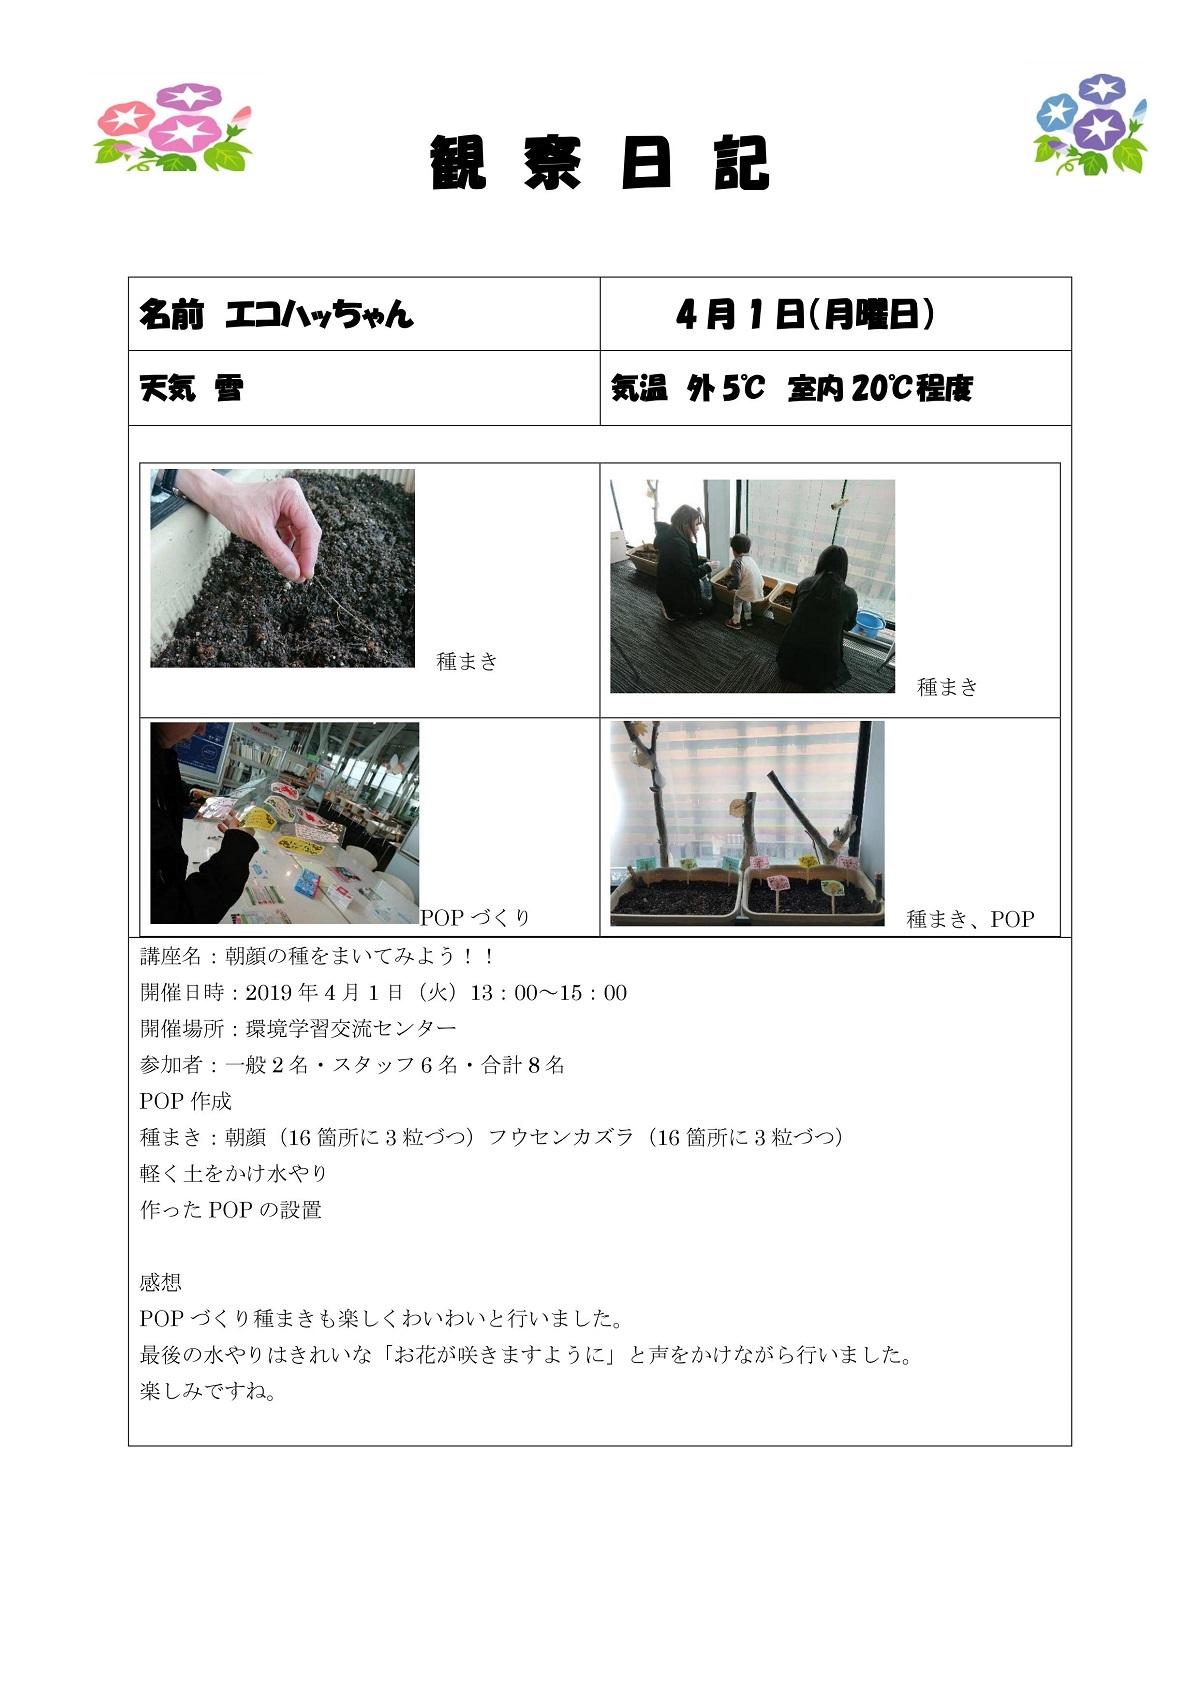 http://blog.iwate-eco.jp/2019/04/07/0001.jpg